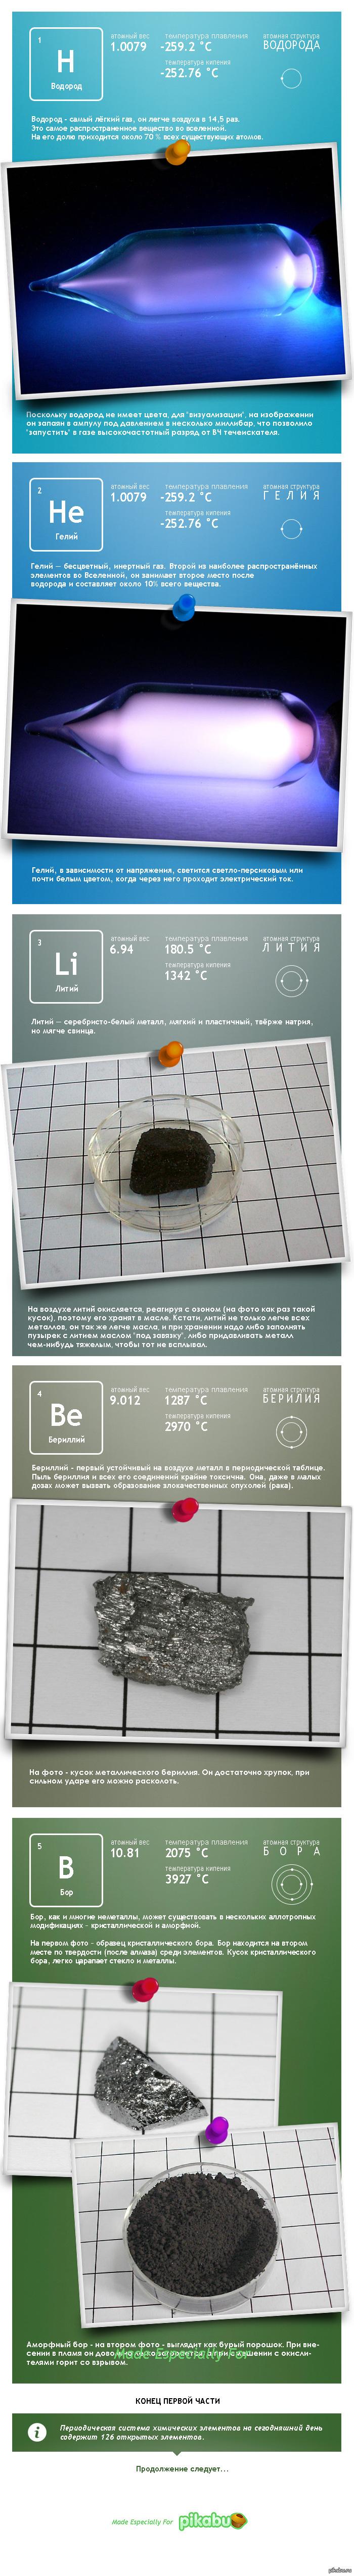 Как выглядят элементы периодической таблицы Менделеева (Часть 1). Все видели как выглядит таблица Менделеева, но мало кто видел, как выглядят элементы в неё входящие. Интересно было посмотреть самому- склеиваю для всех. Enjoy!  фото, картинки, химия, элементы, Менделеев, периодическая таблица, длиннопост